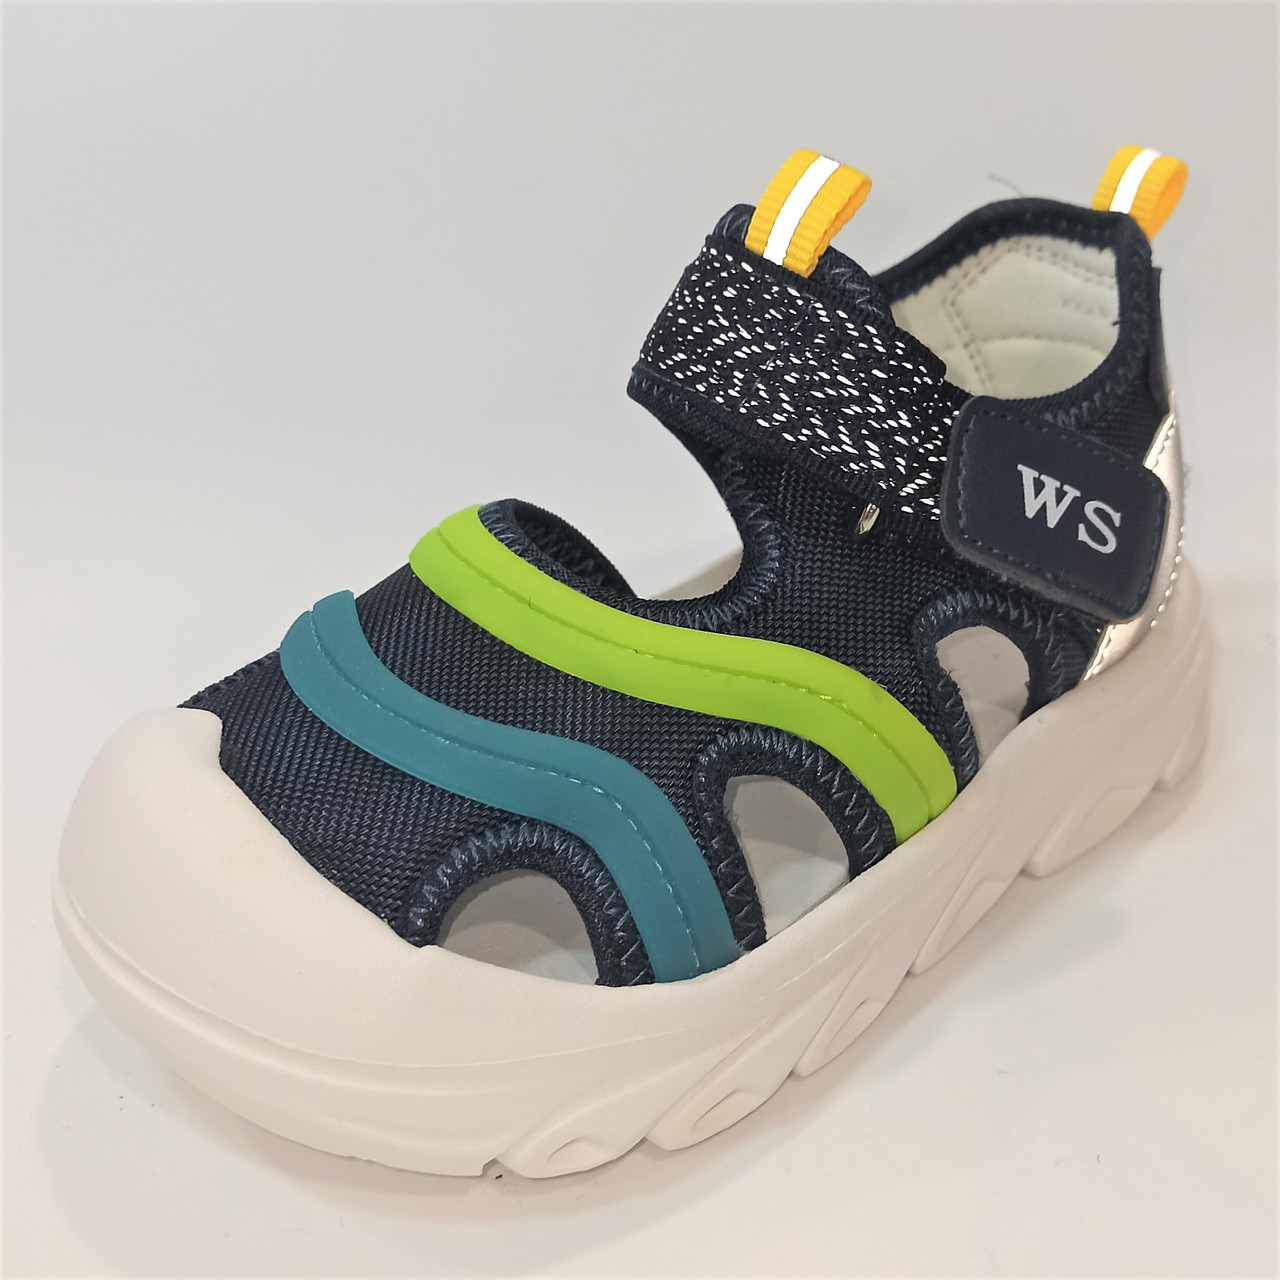 Закрытые сандалии на малыша, Weеstep размеры: 21-26